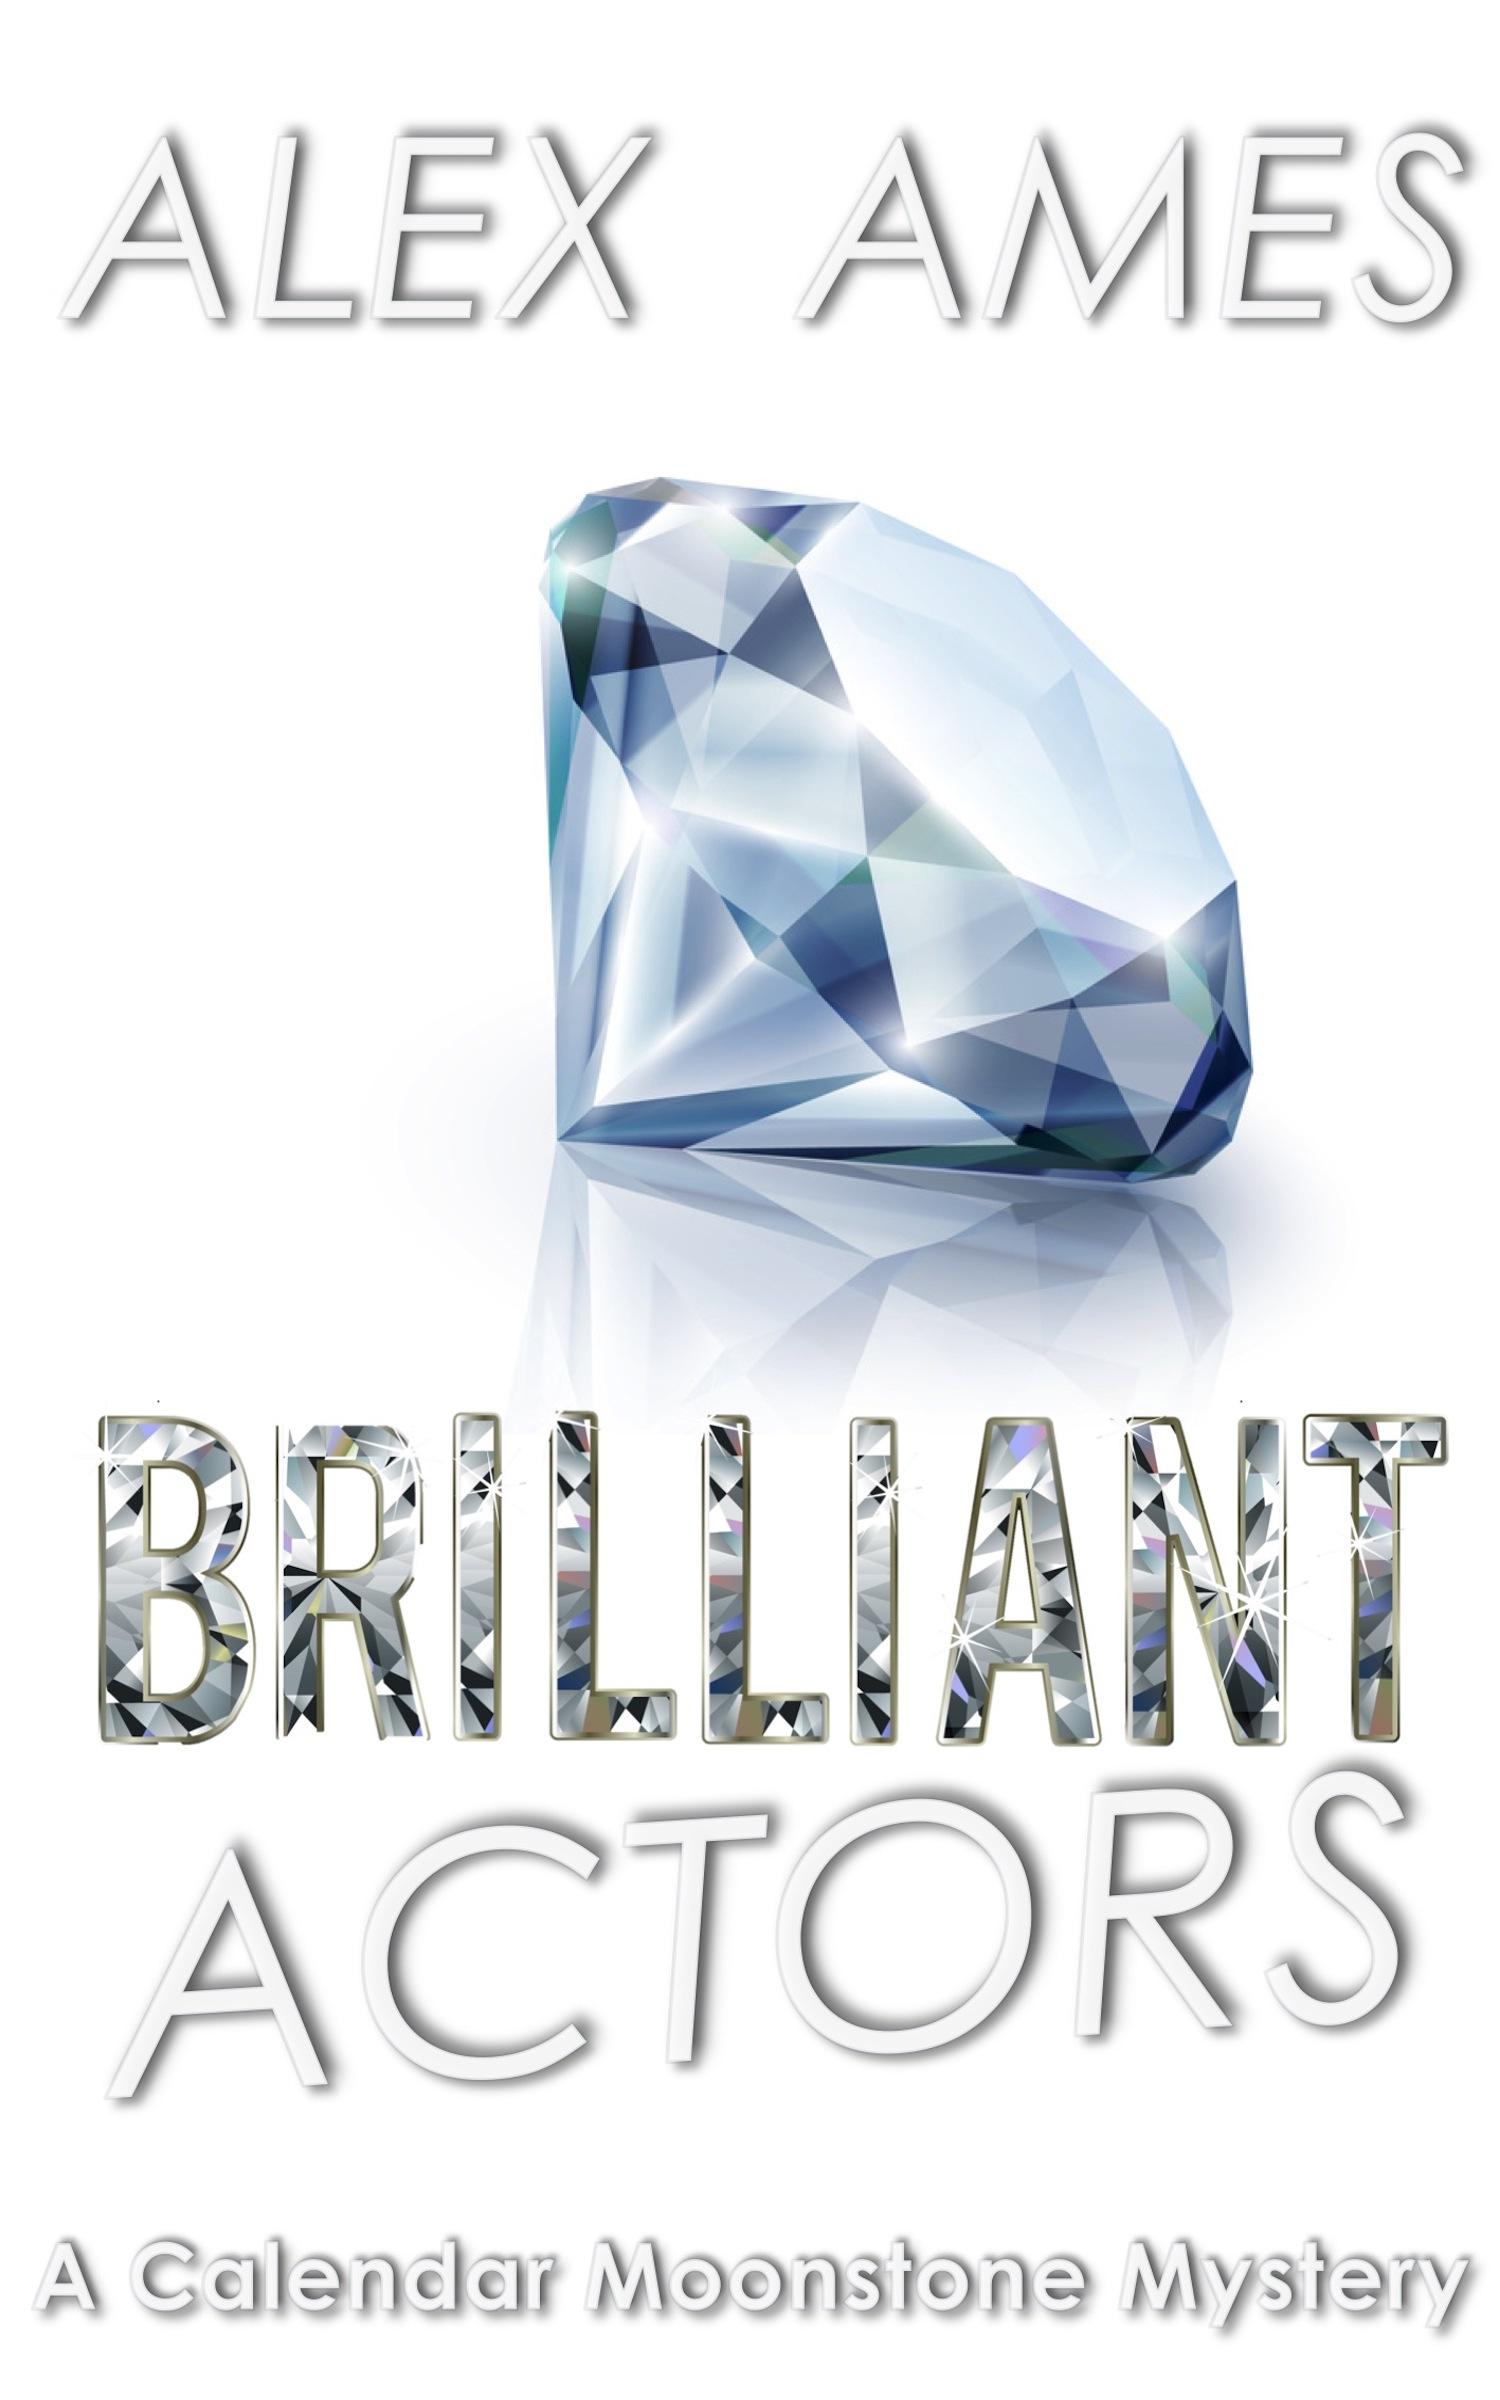 Brilliant Actors